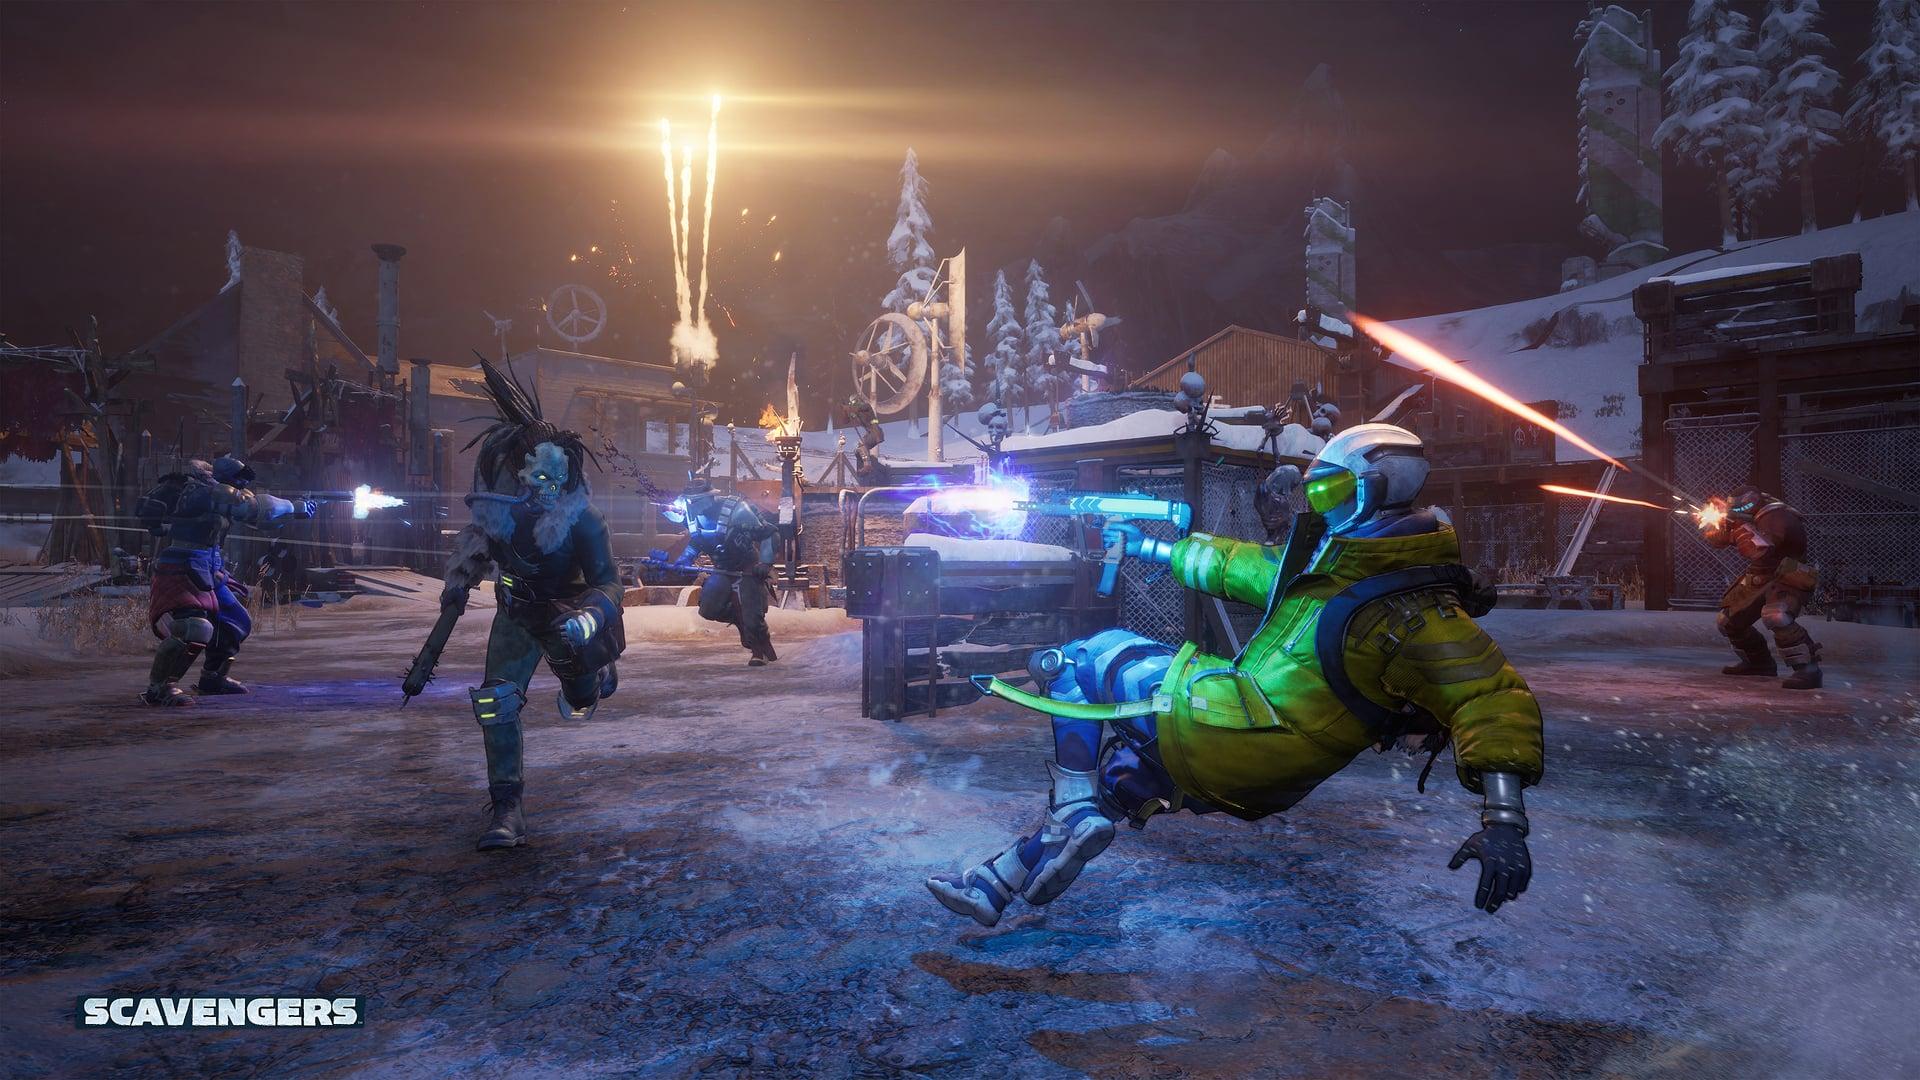 Scavengers Gameplay Screenshot Mutant